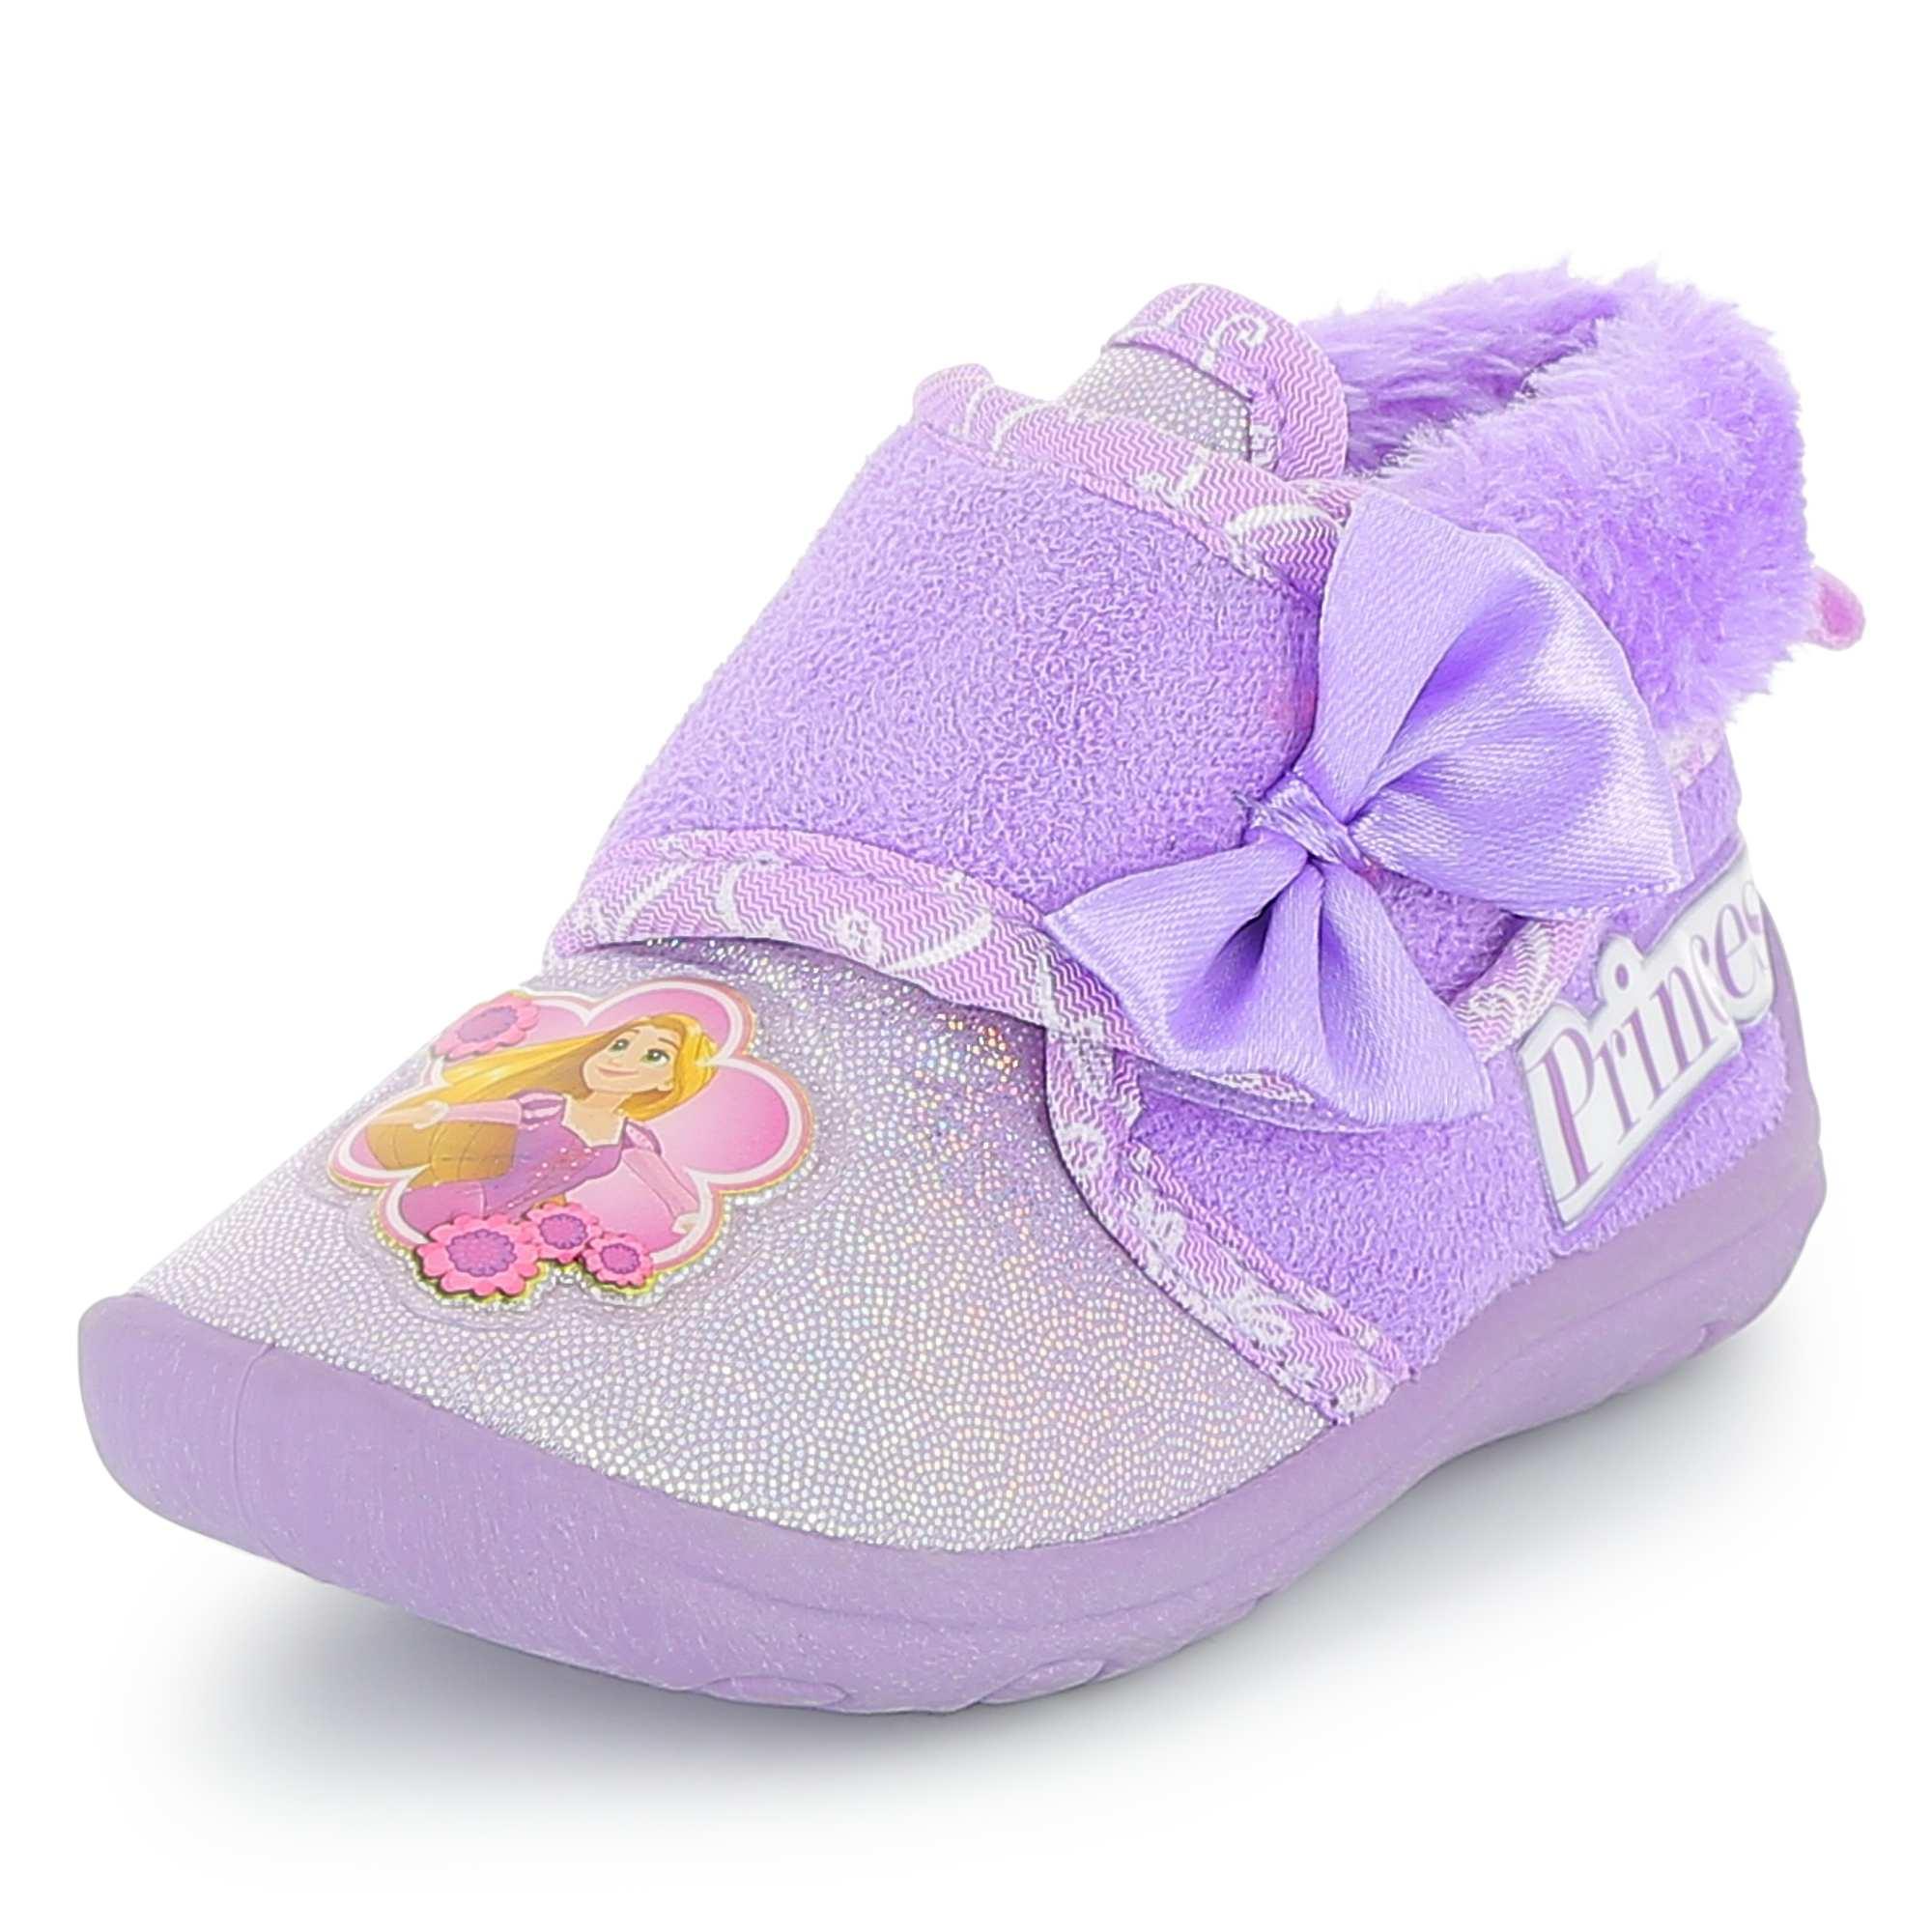 Zapatillas de casa altas 39 princesas disney 39 beb ni a purpura kiabi 10 00 - Zapatillas para casa ...